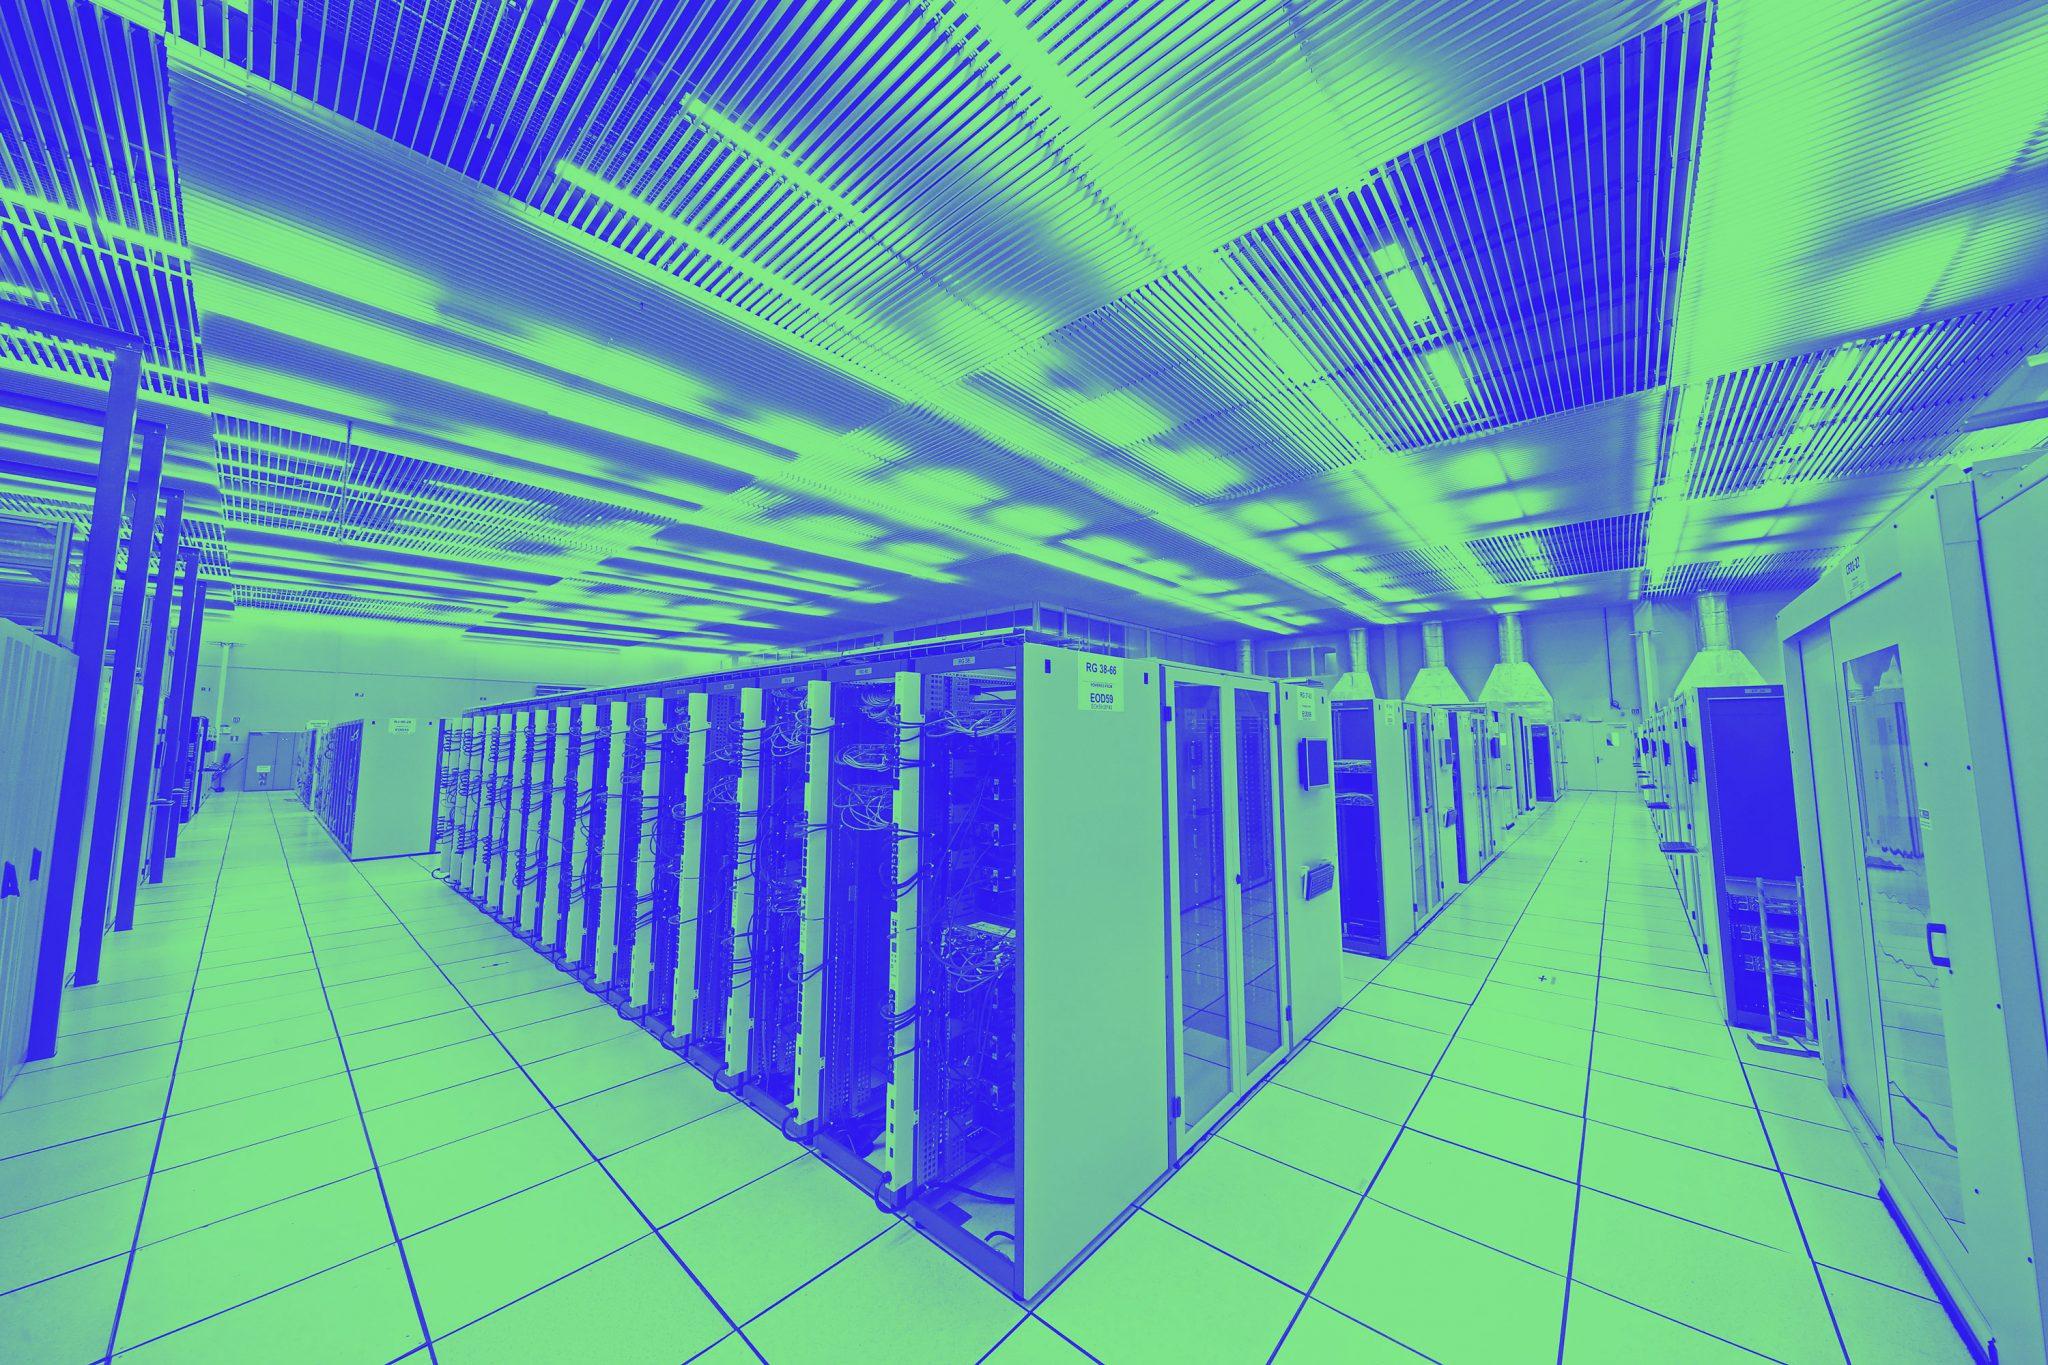 Internet fa male al pianeta più di quanto pensiate, lo dice una ricerca della BBC